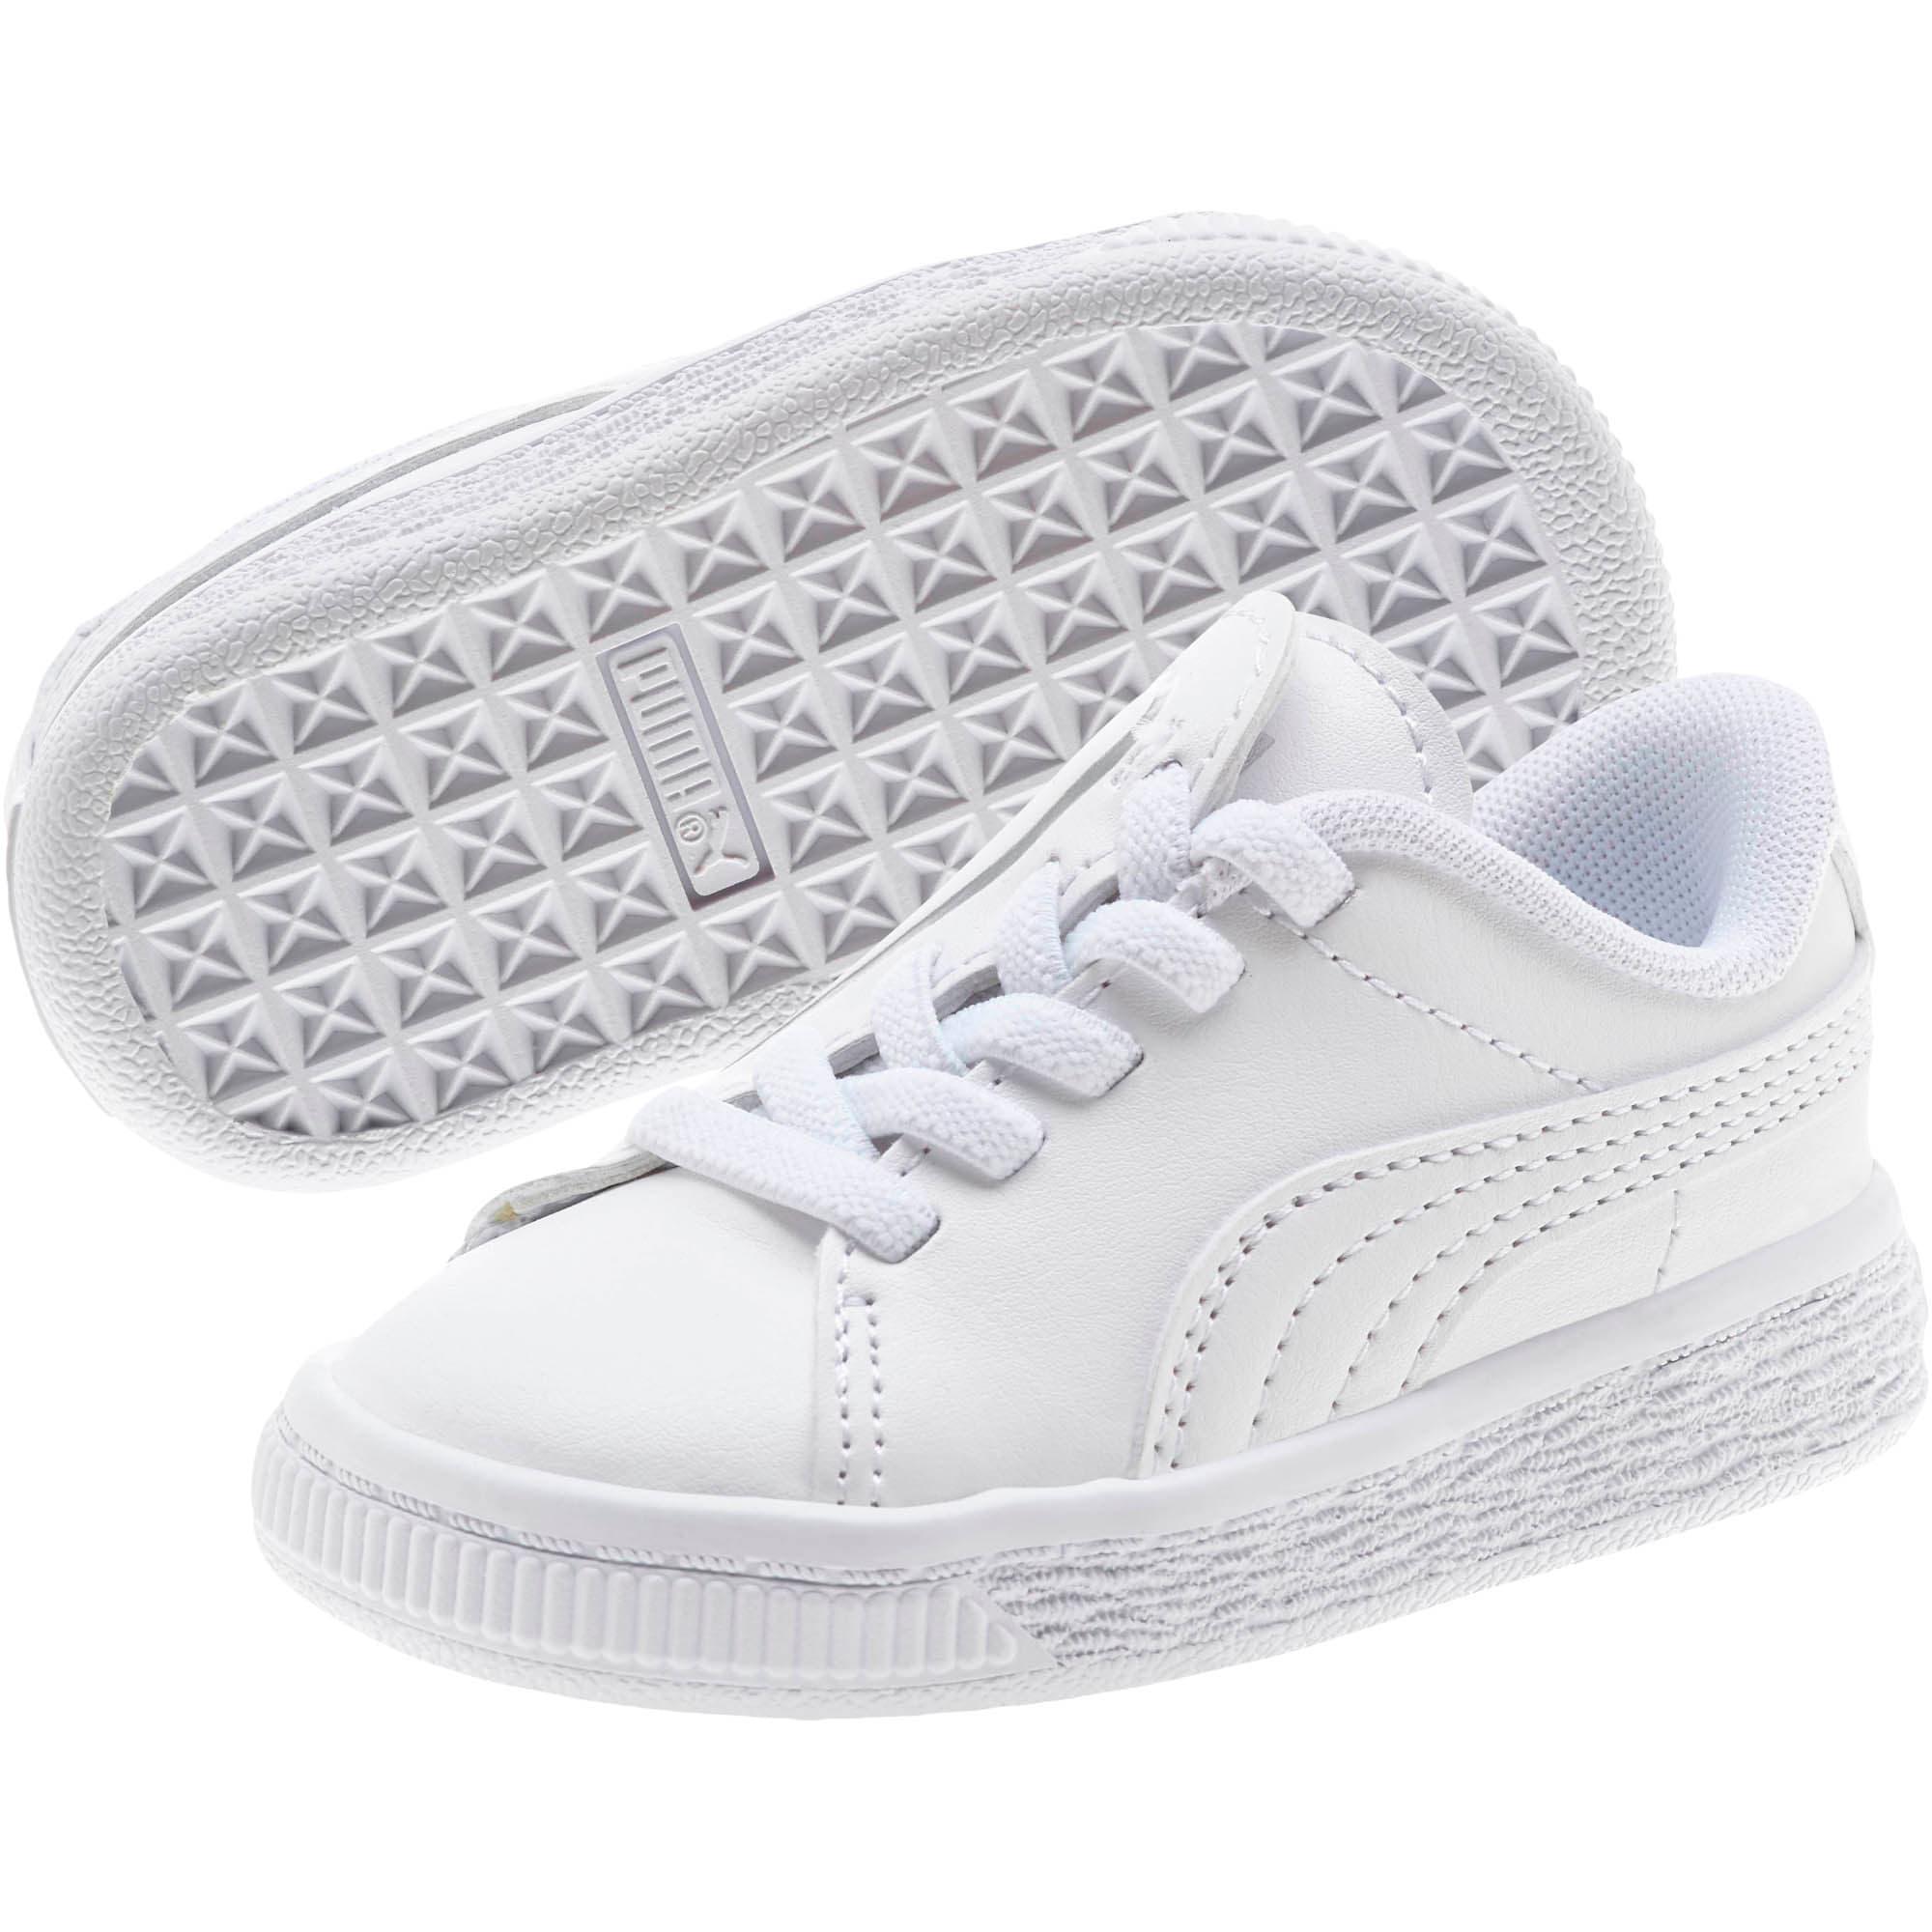 Miniatura 2 de Zapatos Basket Crush AC para bebés, Puma White-Puma Silver, mediano